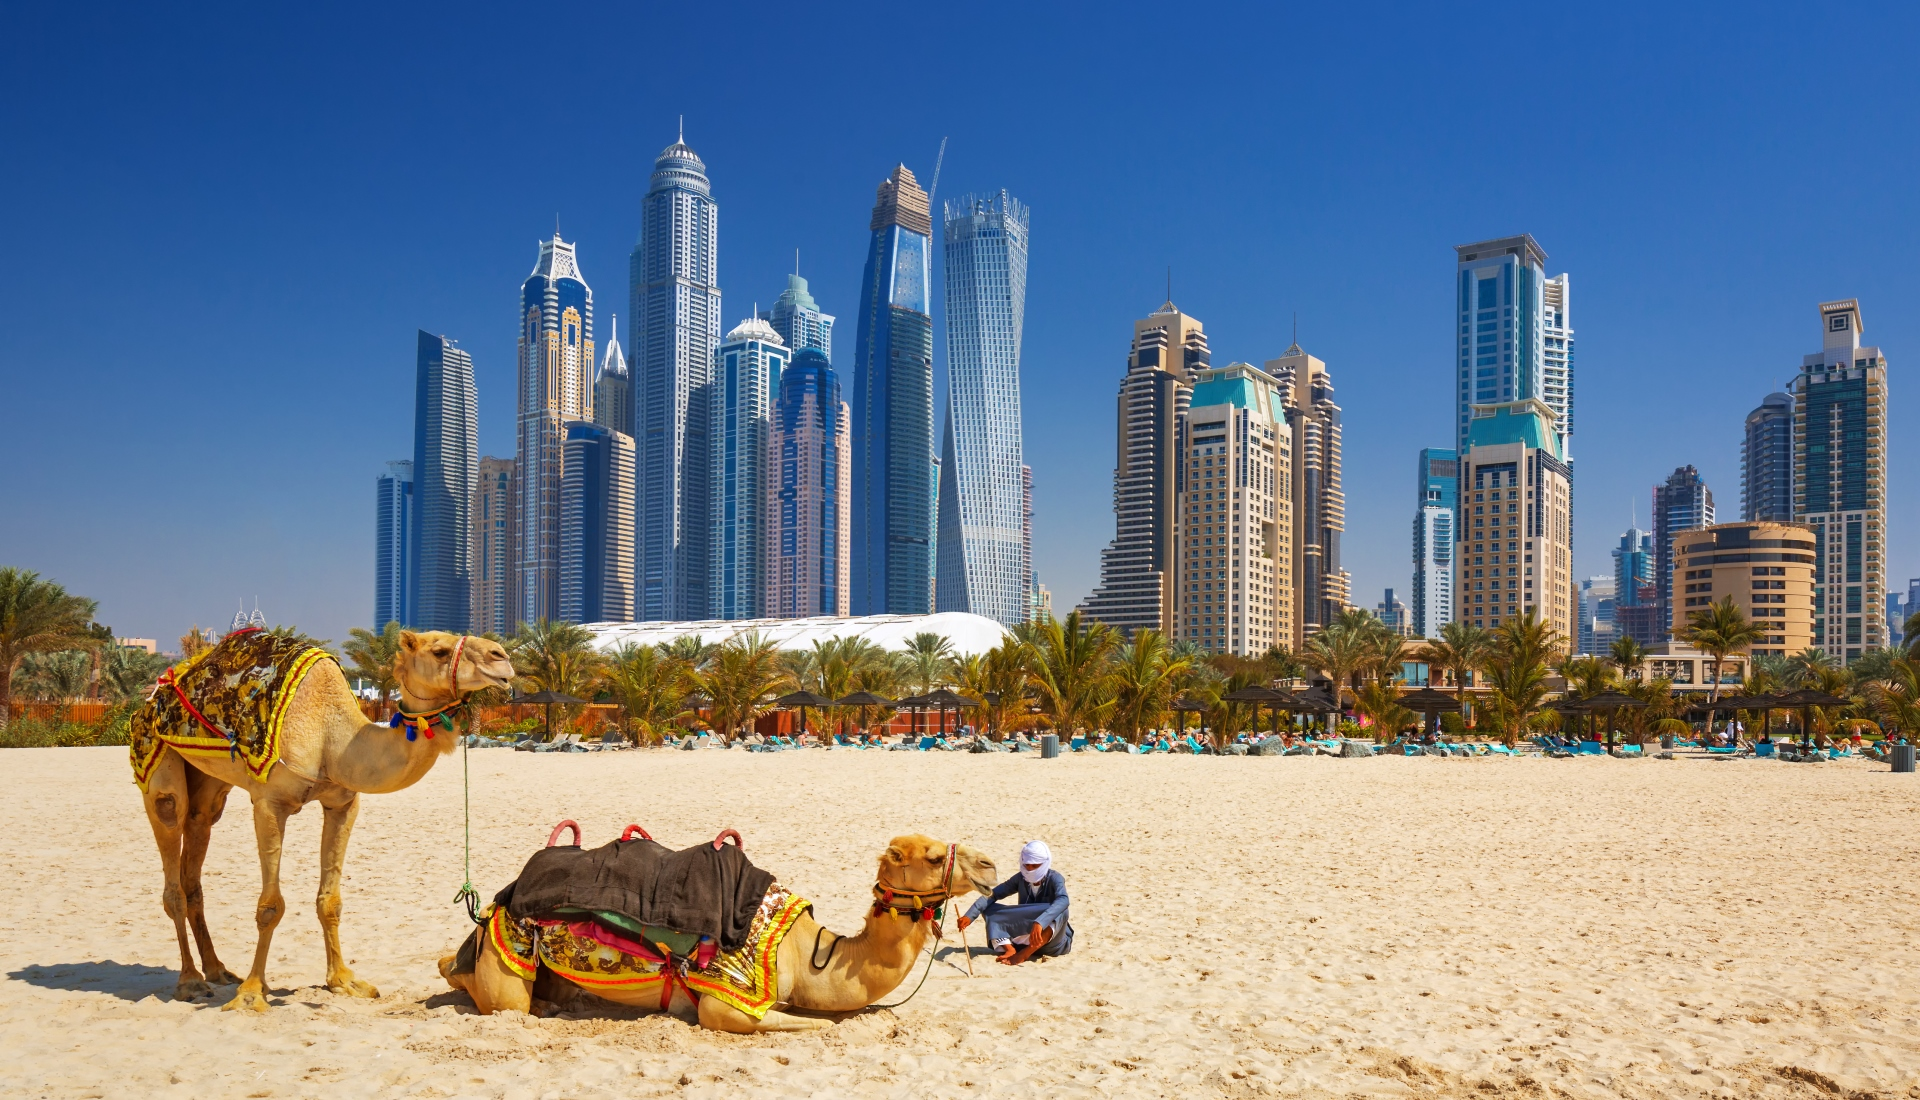 Super Dubai - Emirates